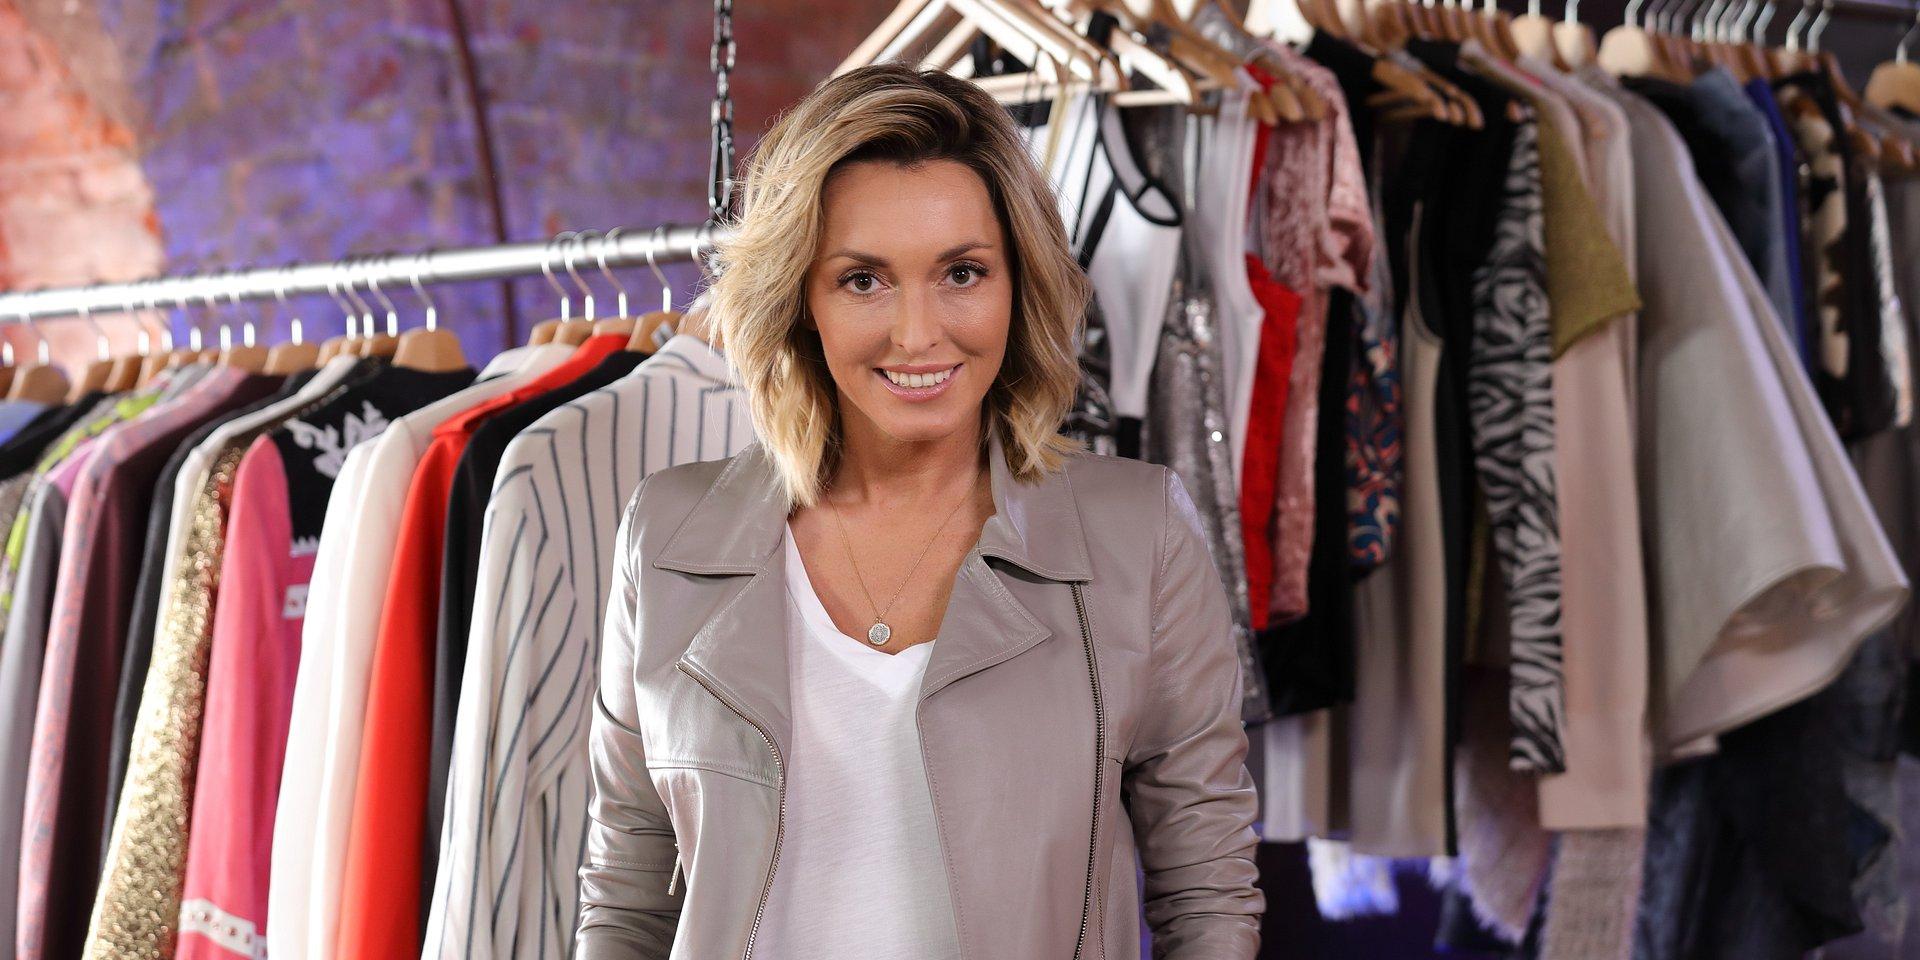 Faceci ubierają kobiety w nowym programie TVN Style!